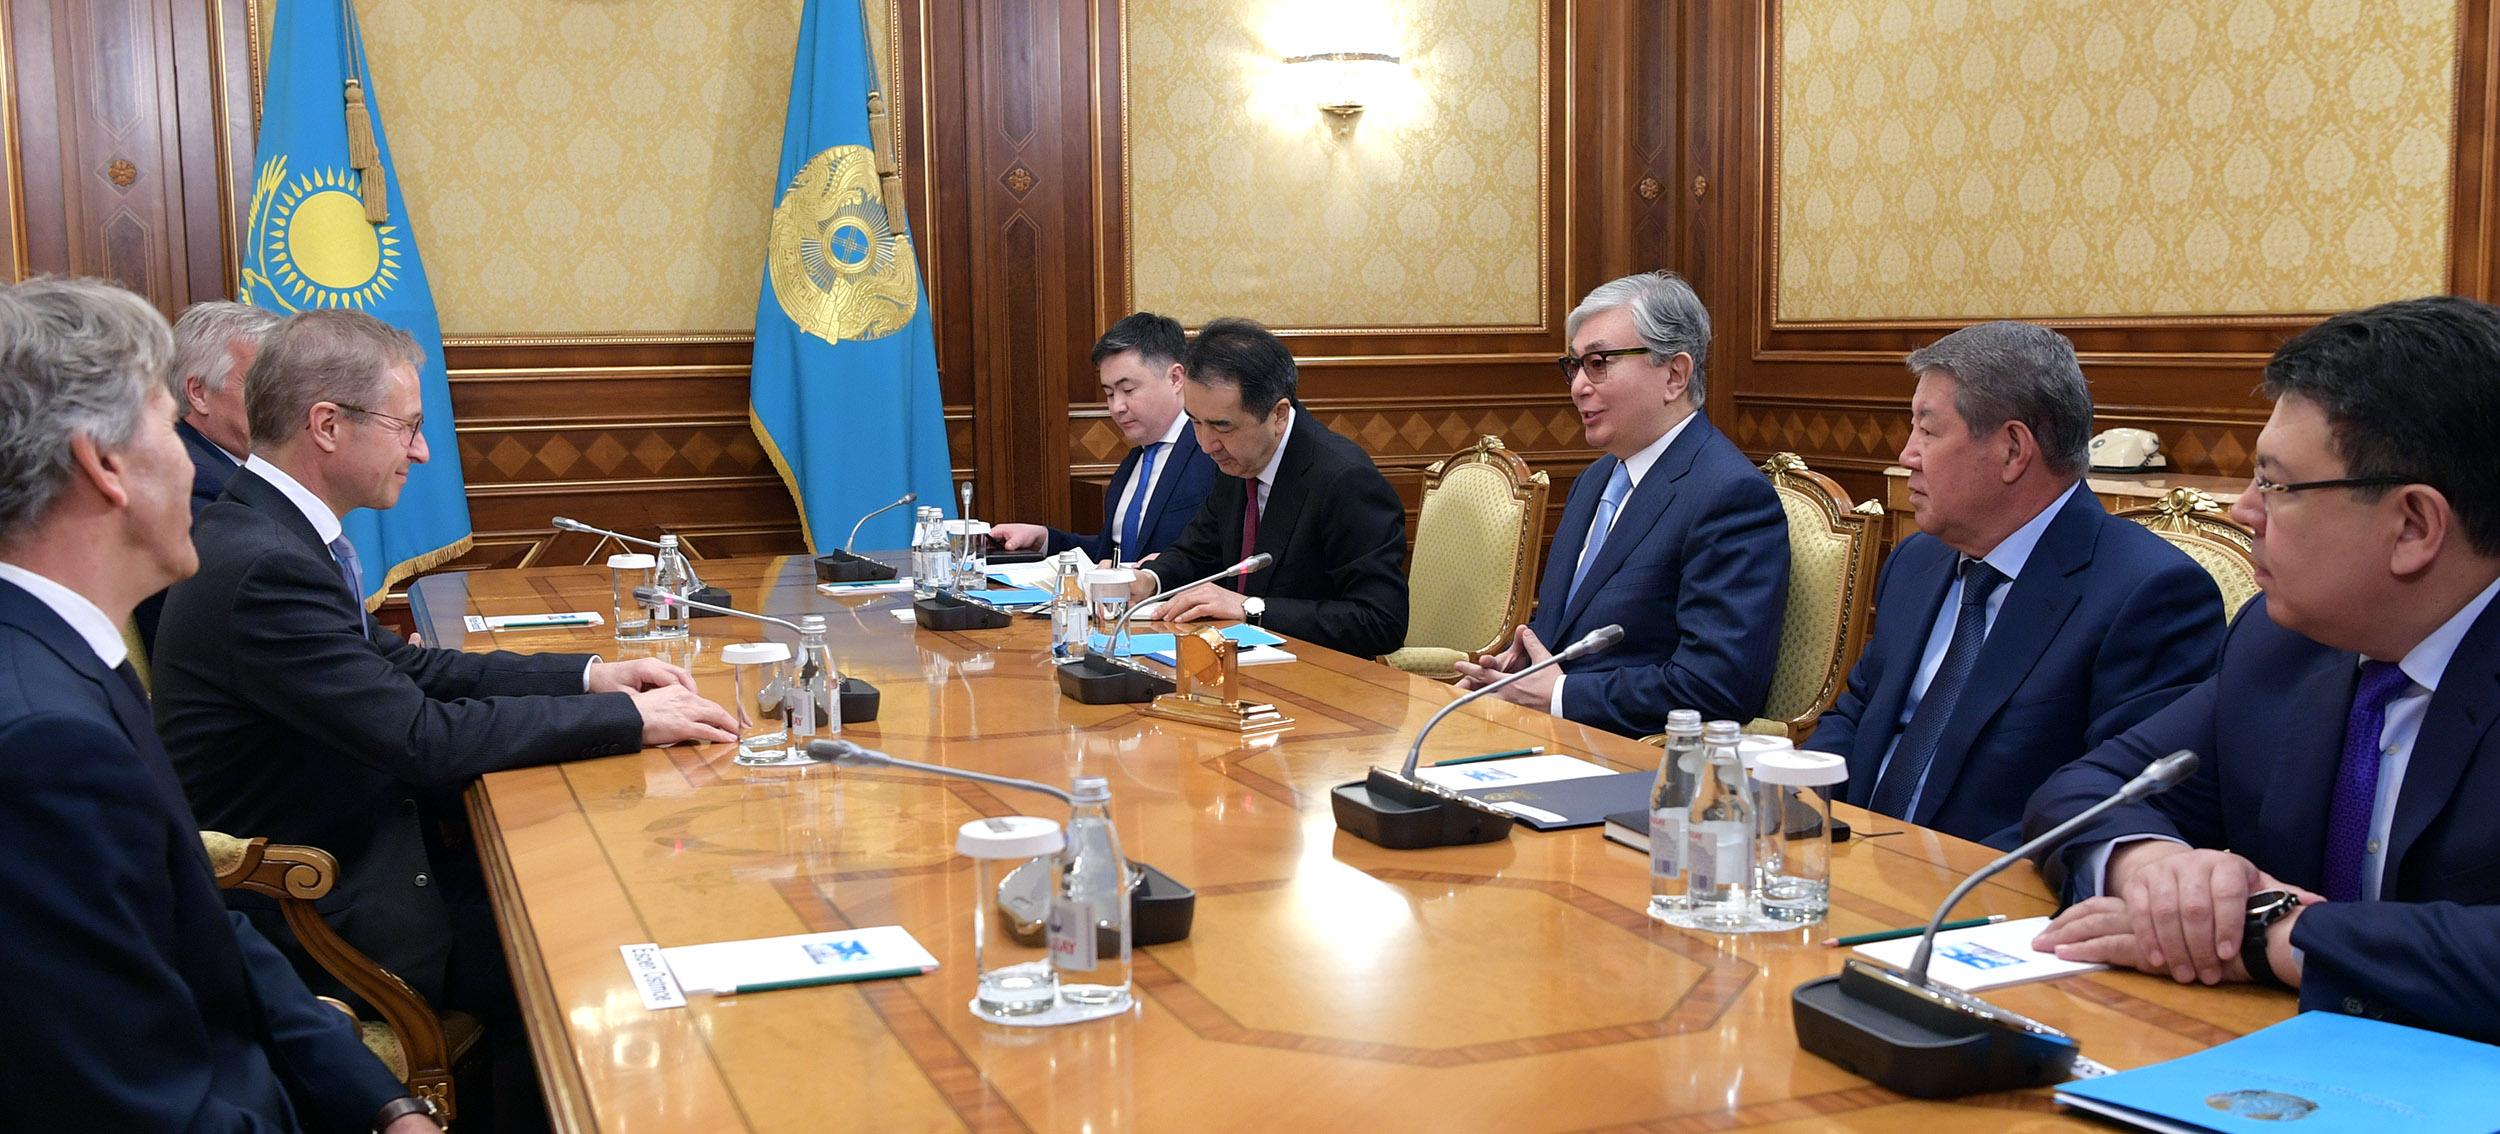 Касым-Жомарт Токаев обсудил с главой Borealis проекты компании в Казахстане